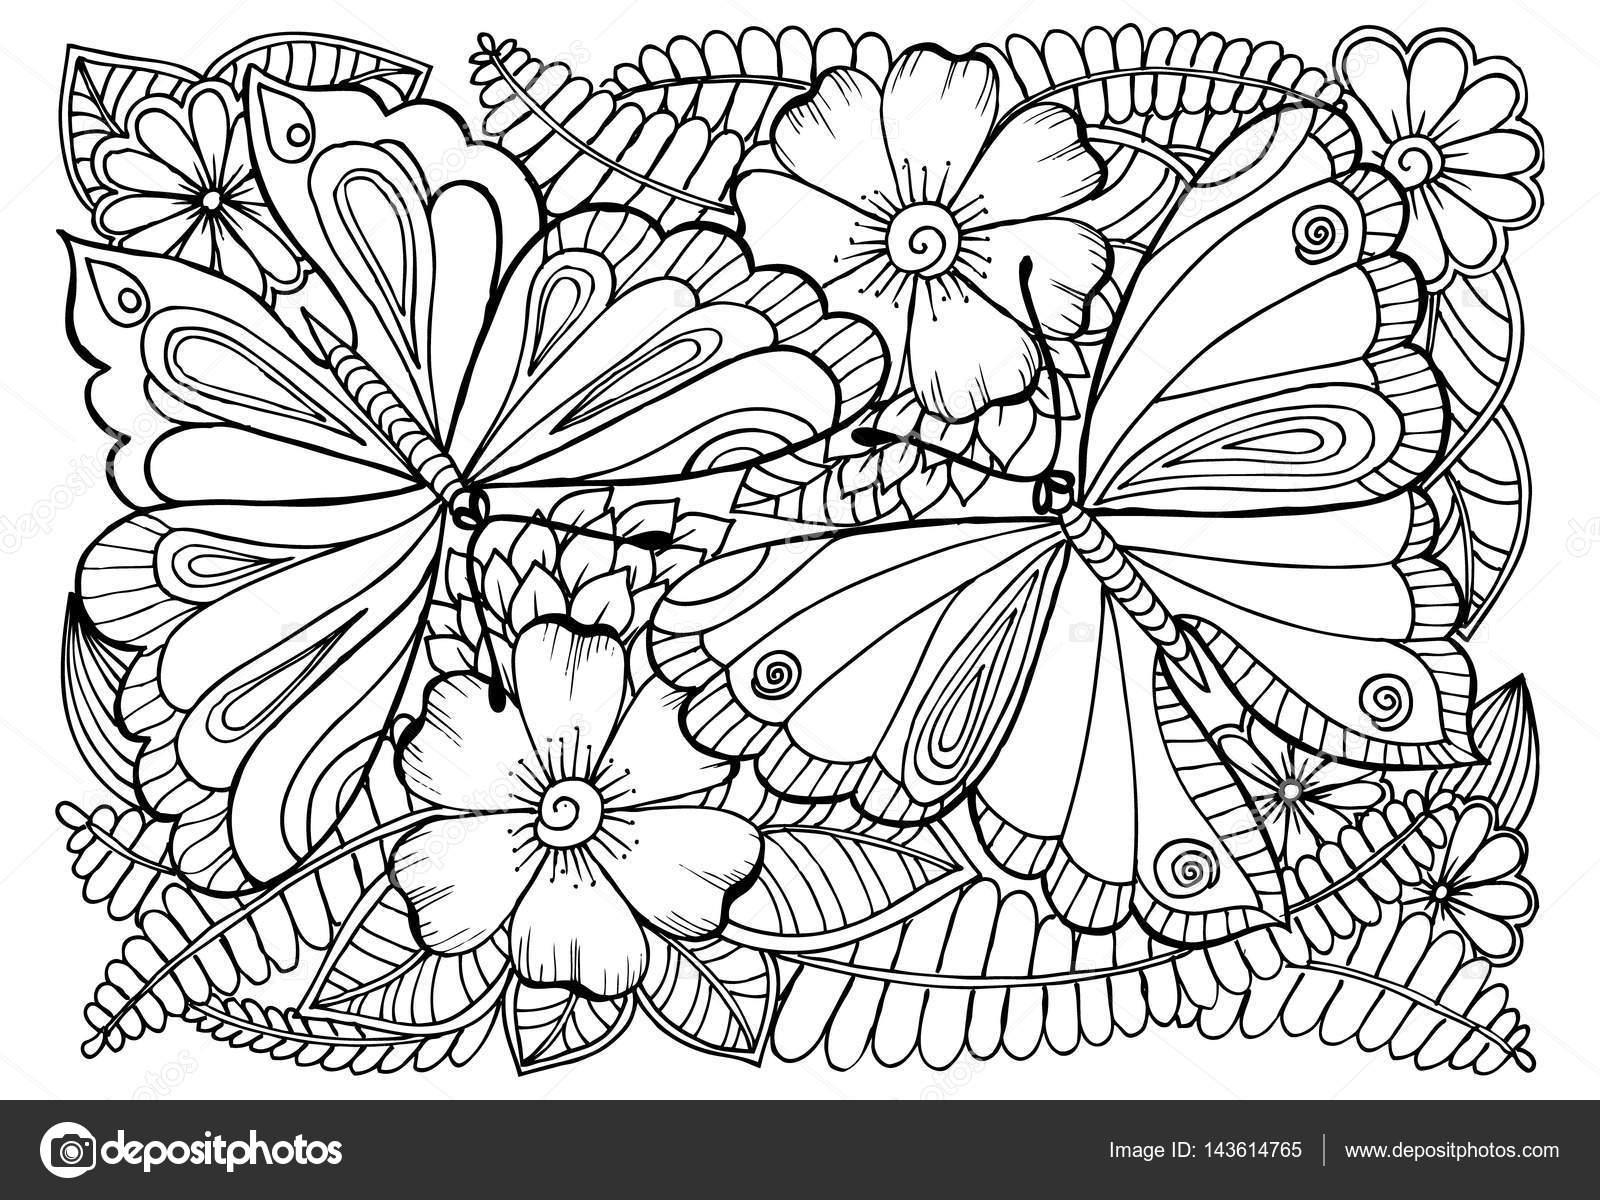 Imagenes De Flores Para Colorear Bonitas: Vector De Dibujo De Mariposas Y Flores Para Colorear